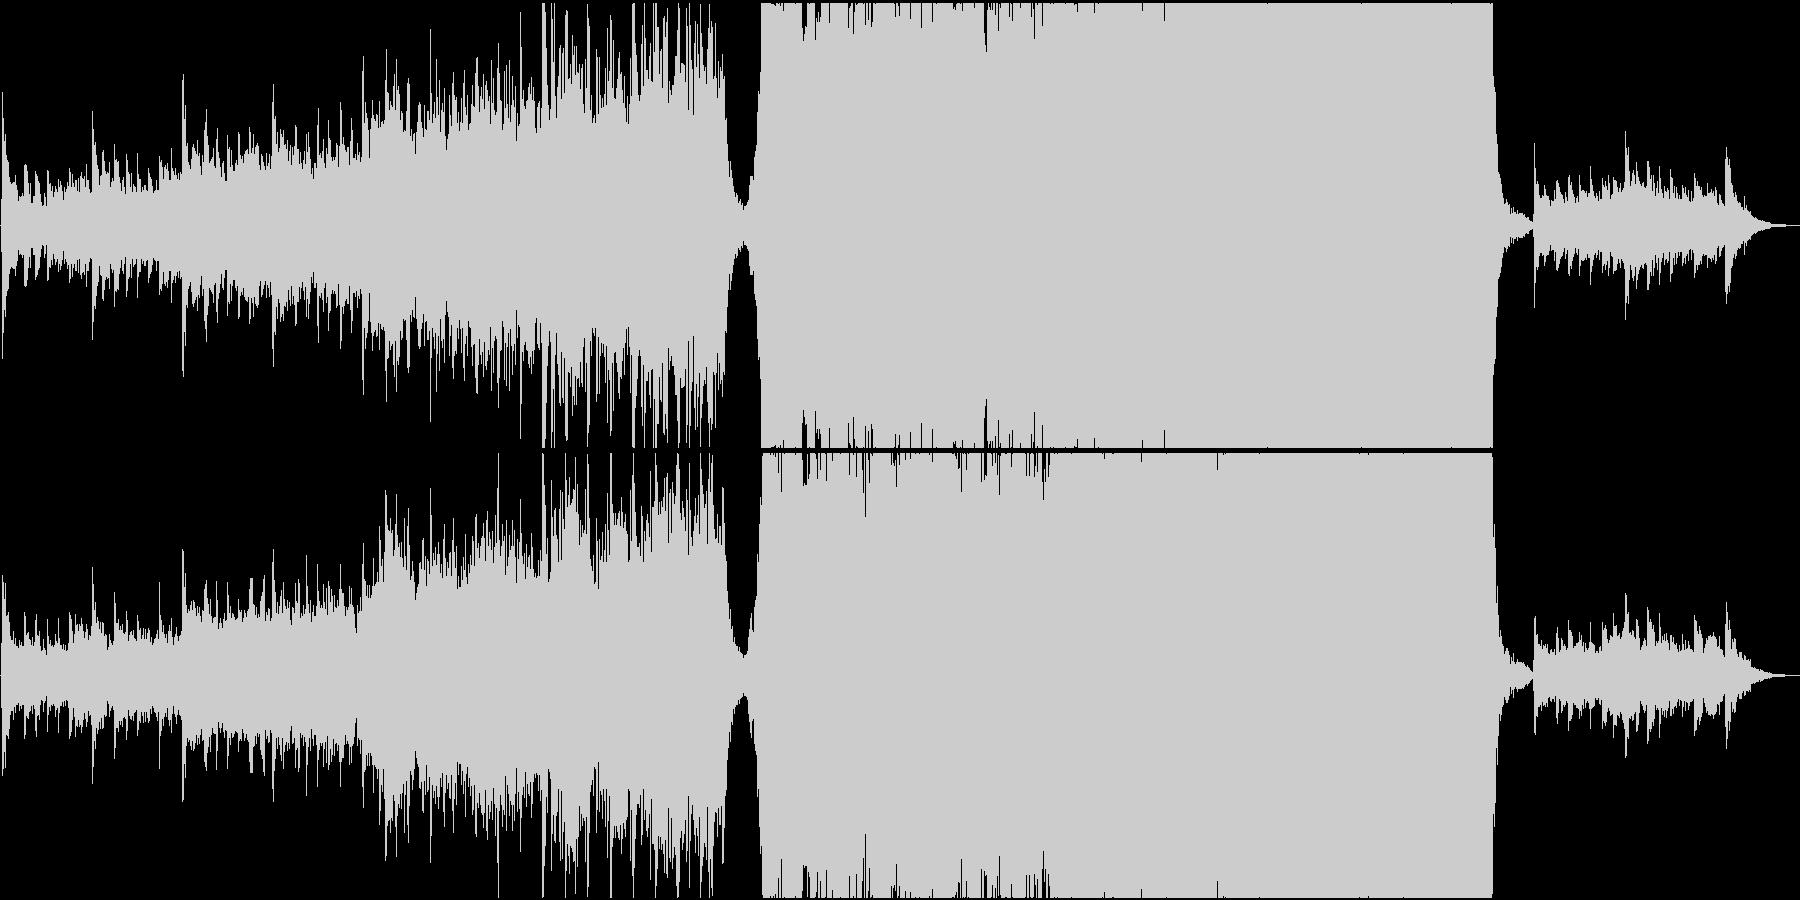 劇的 エピック 音楽の未再生の波形